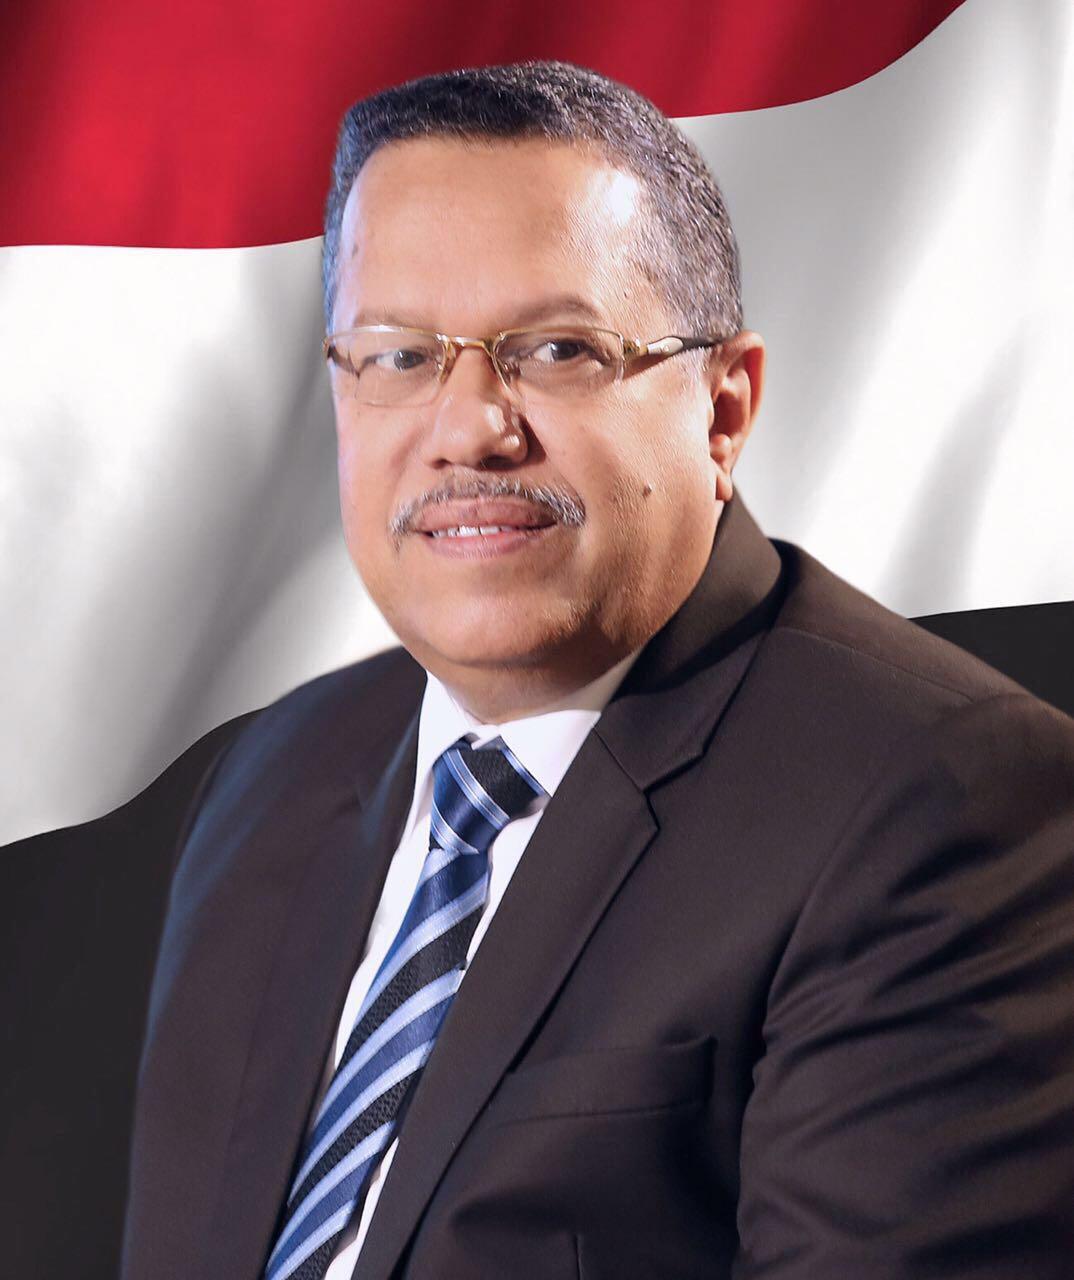 الدكتور أحمد عبيد بن دغر : عكوش: رمز الثورة والوحدة